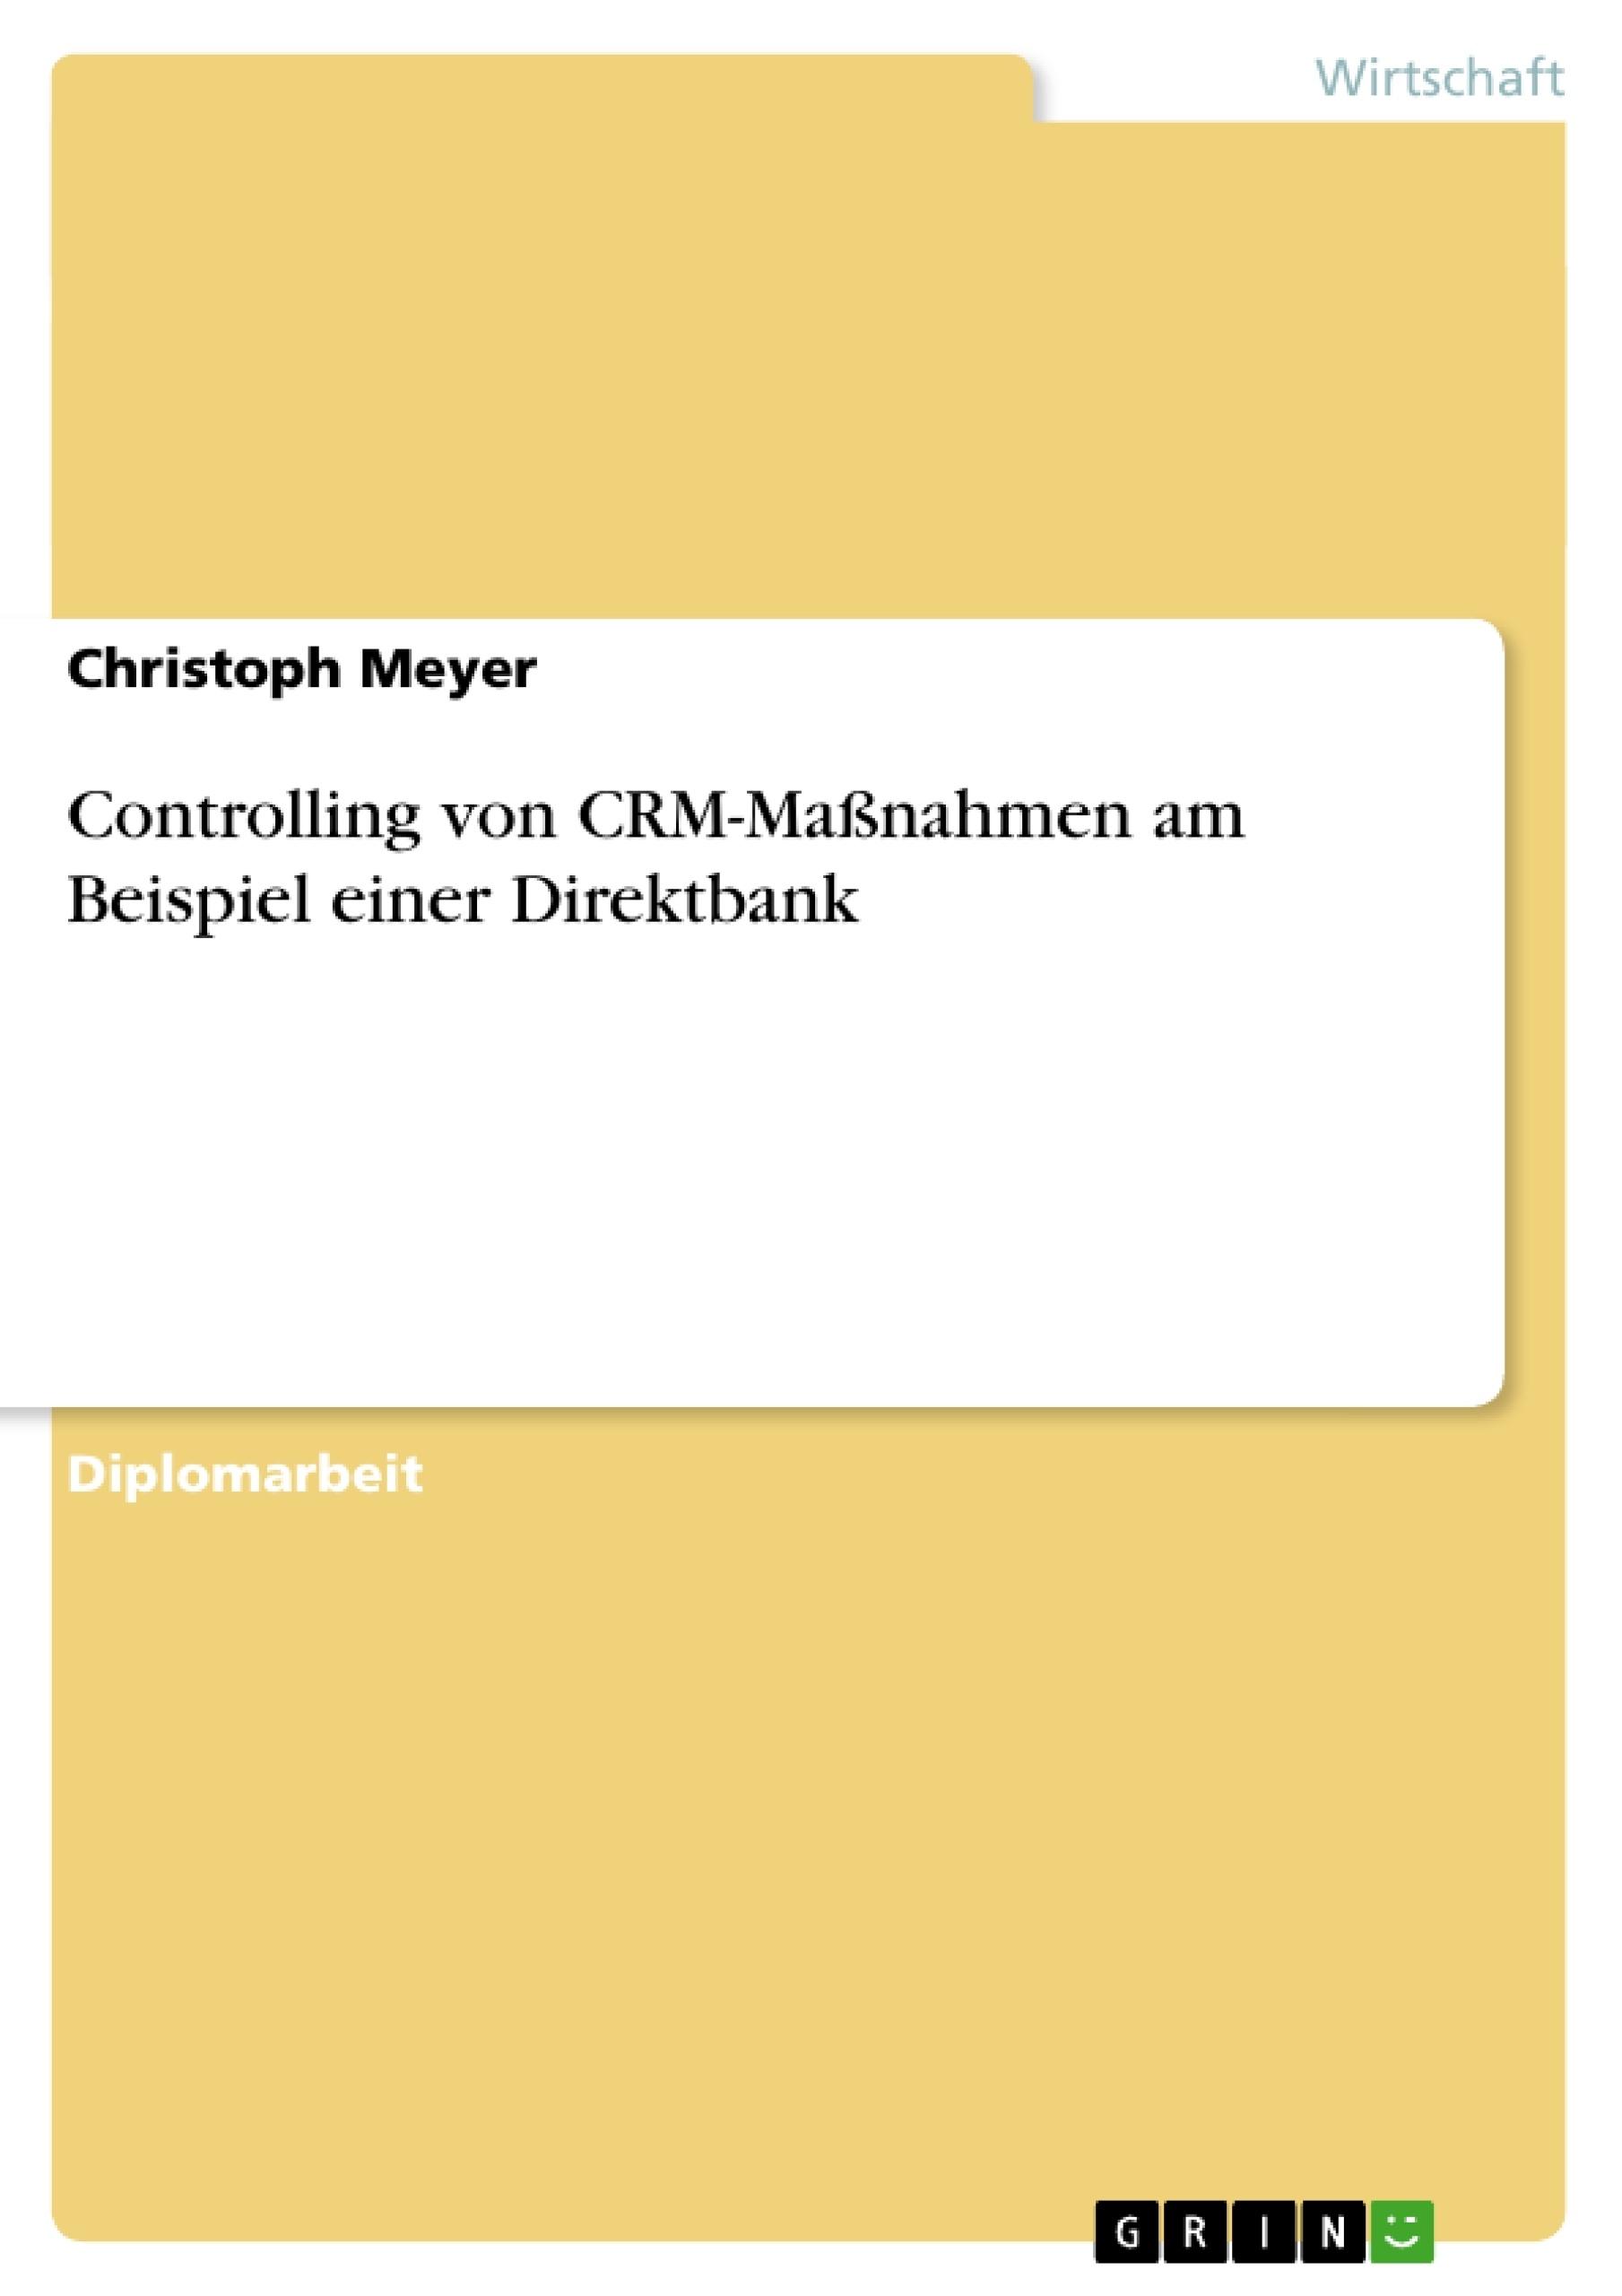 Titel: Controlling von CRM-Maßnahmen am Beispiel einer Direktbank